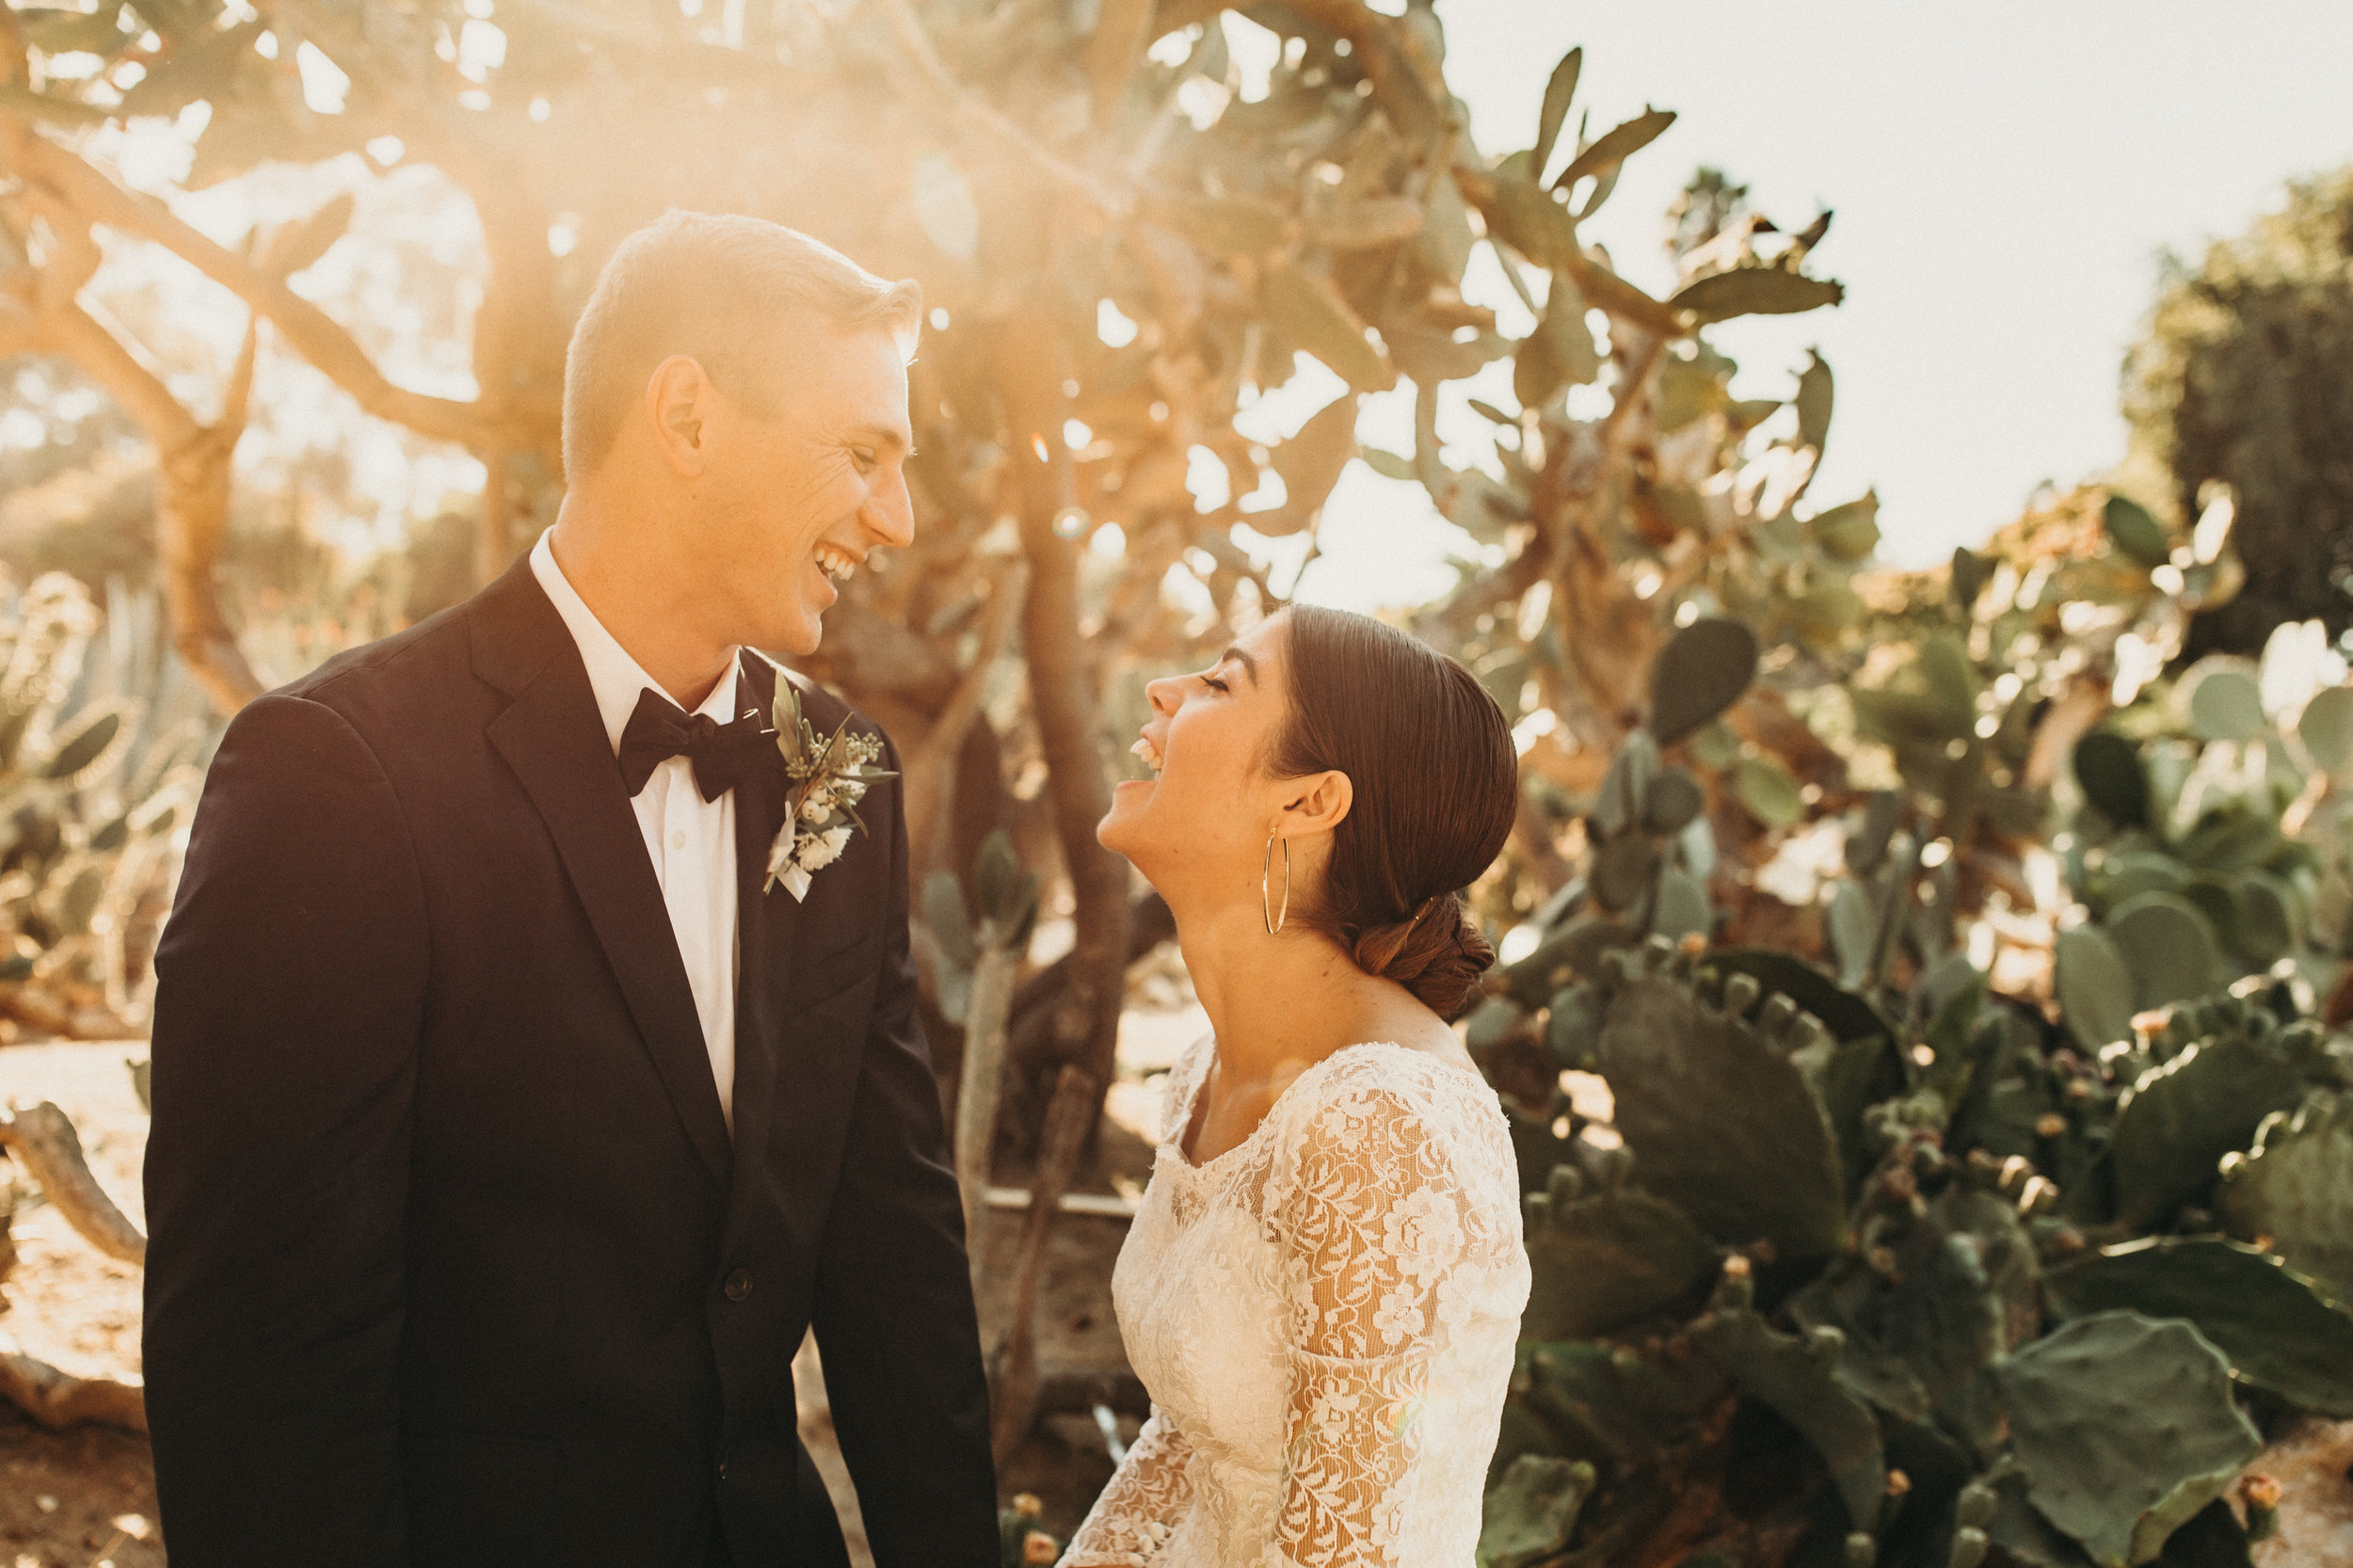 ERICA + CAMERON - Wedding at South Coast Botanic Garden